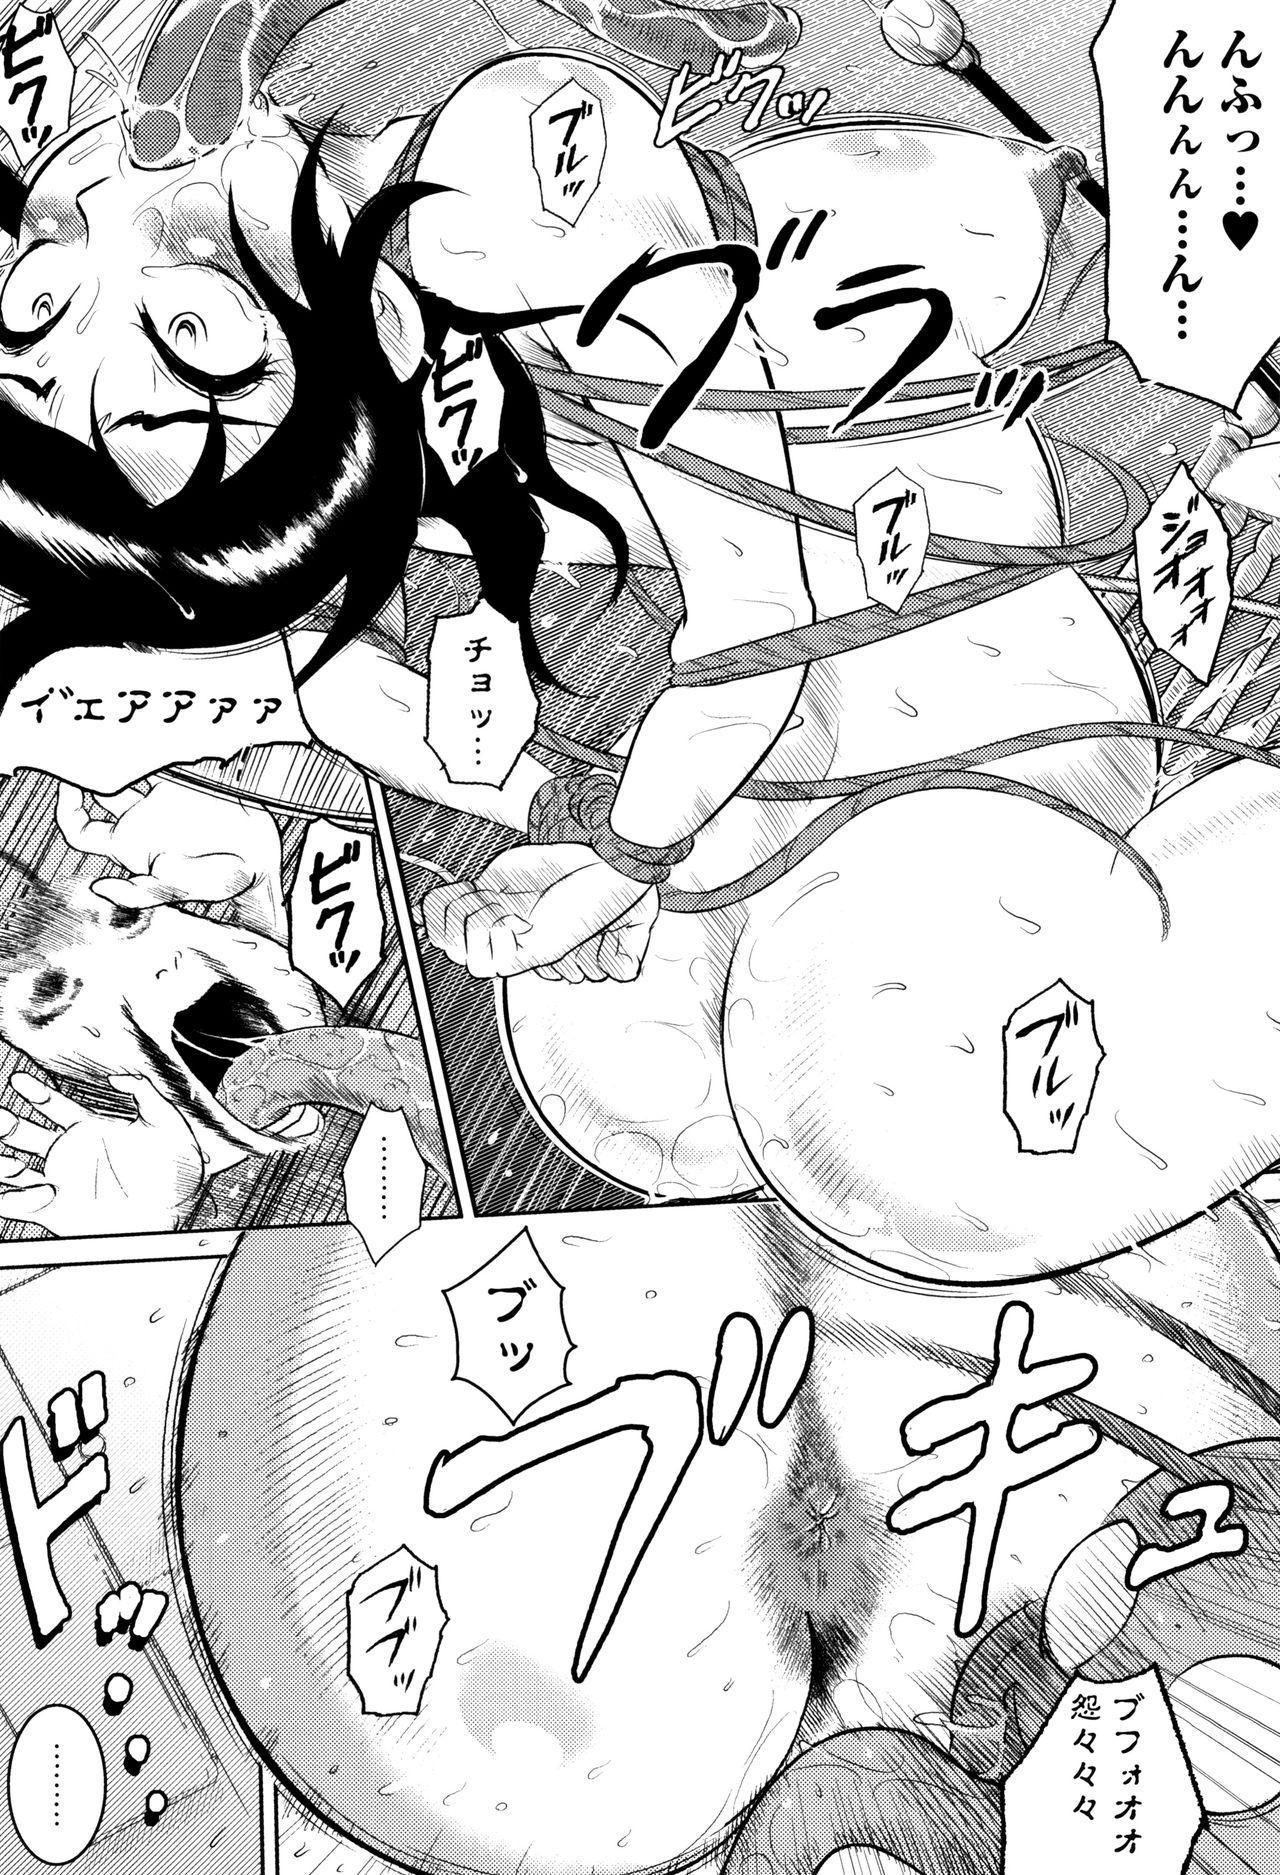 Ero BBA ♥ Dosukebe Ha Sengen 225